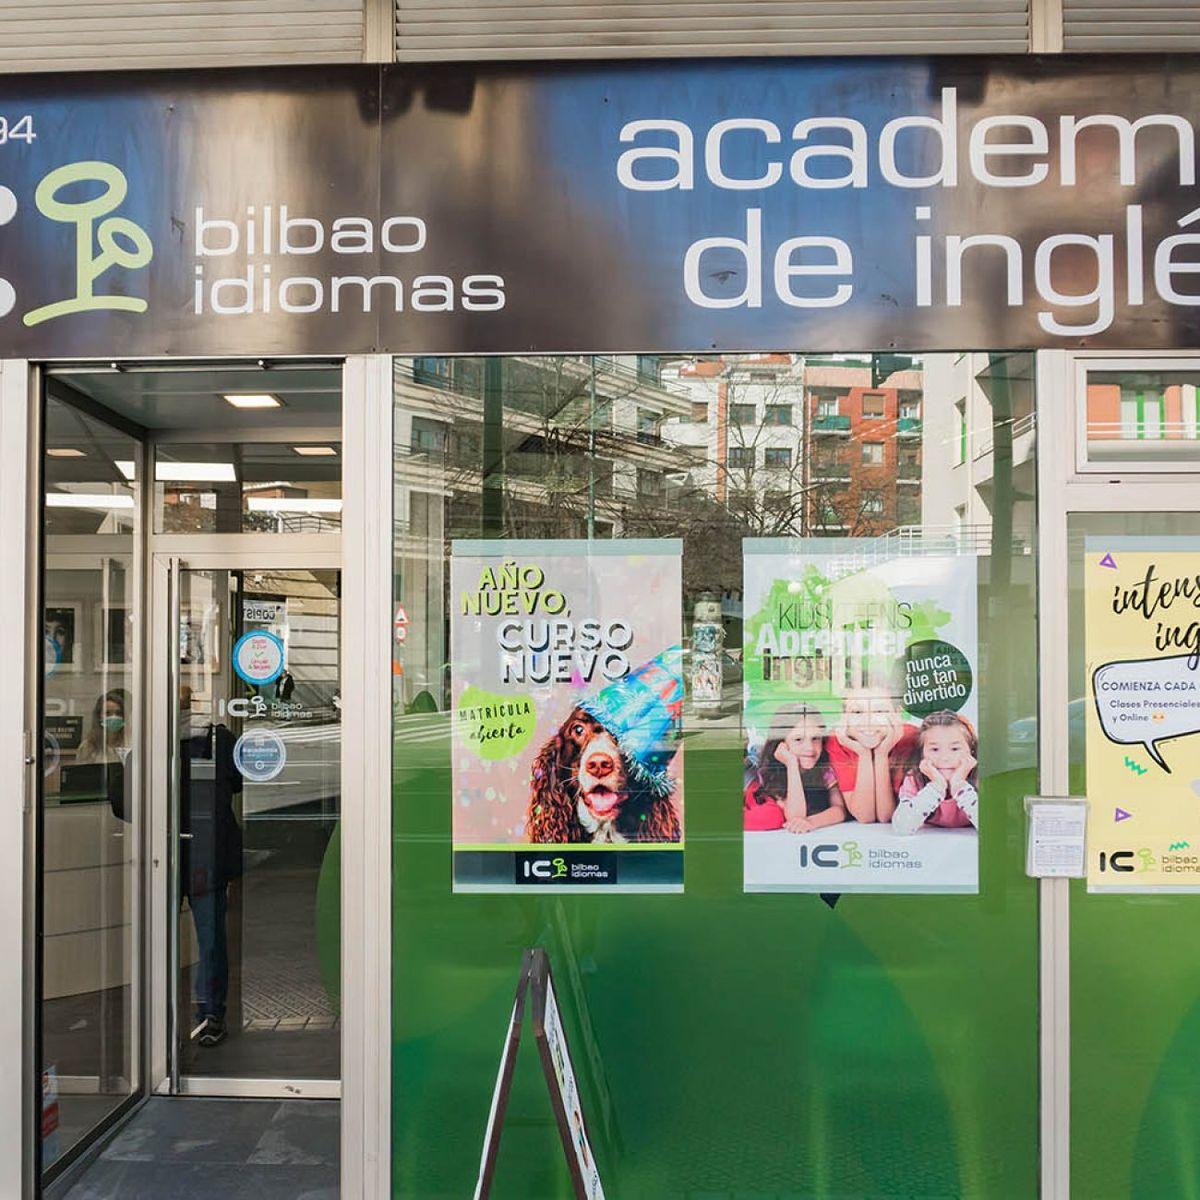 IC Bilbao Idiomas, academia de inglés en Deusto